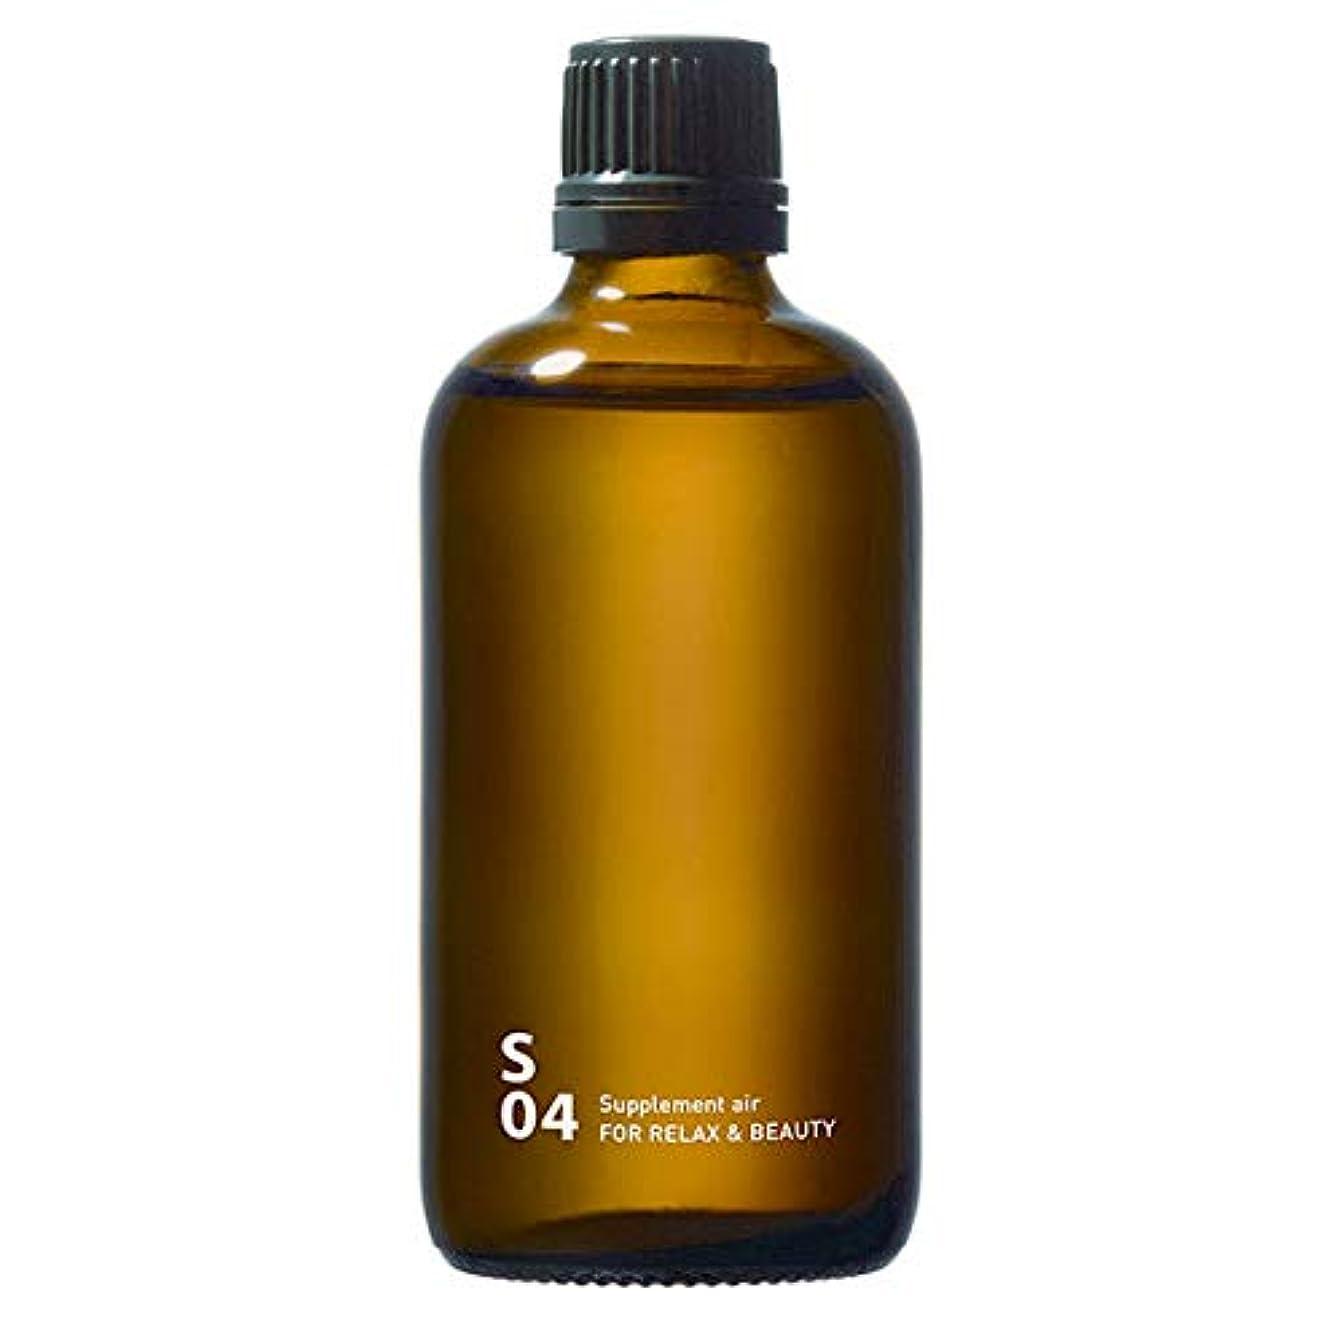 思いやりのある死すべきコンパスS04 FOR RELAX & BEAUTY piezo aroma oil 100ml